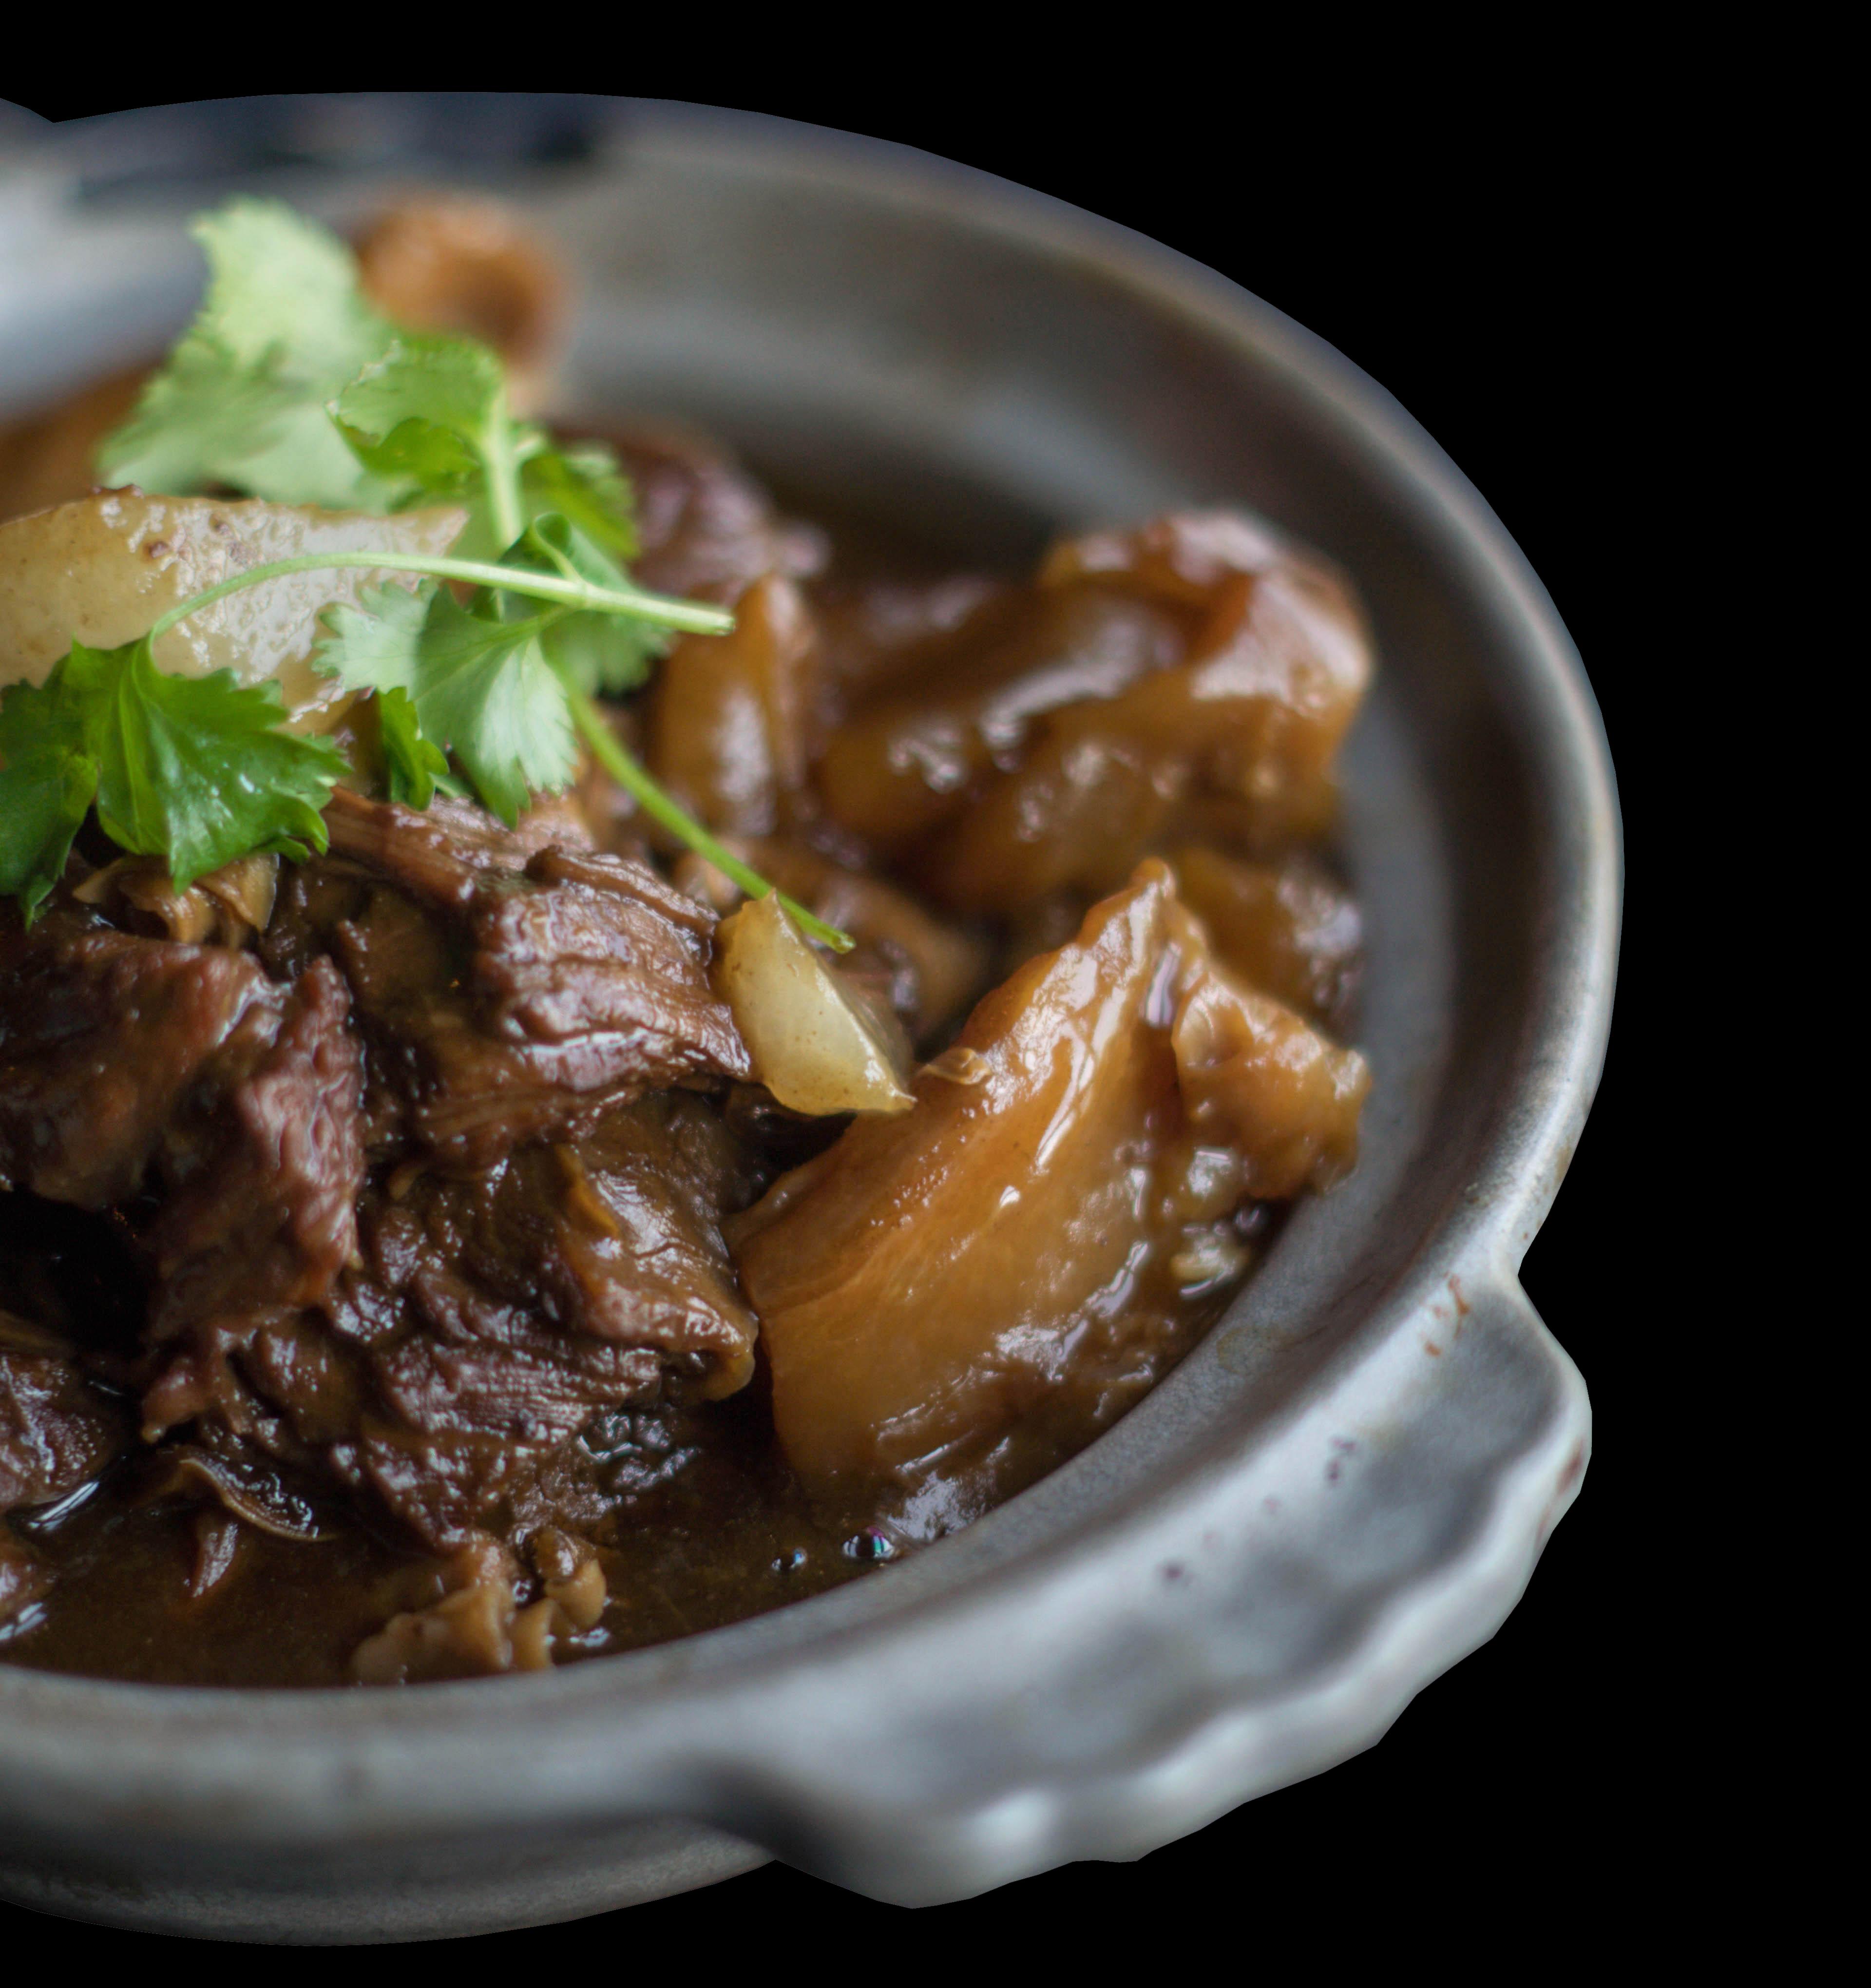 94. 牛腩焖土豆 Stewed Beef Brisket w/ Radish Potato Image